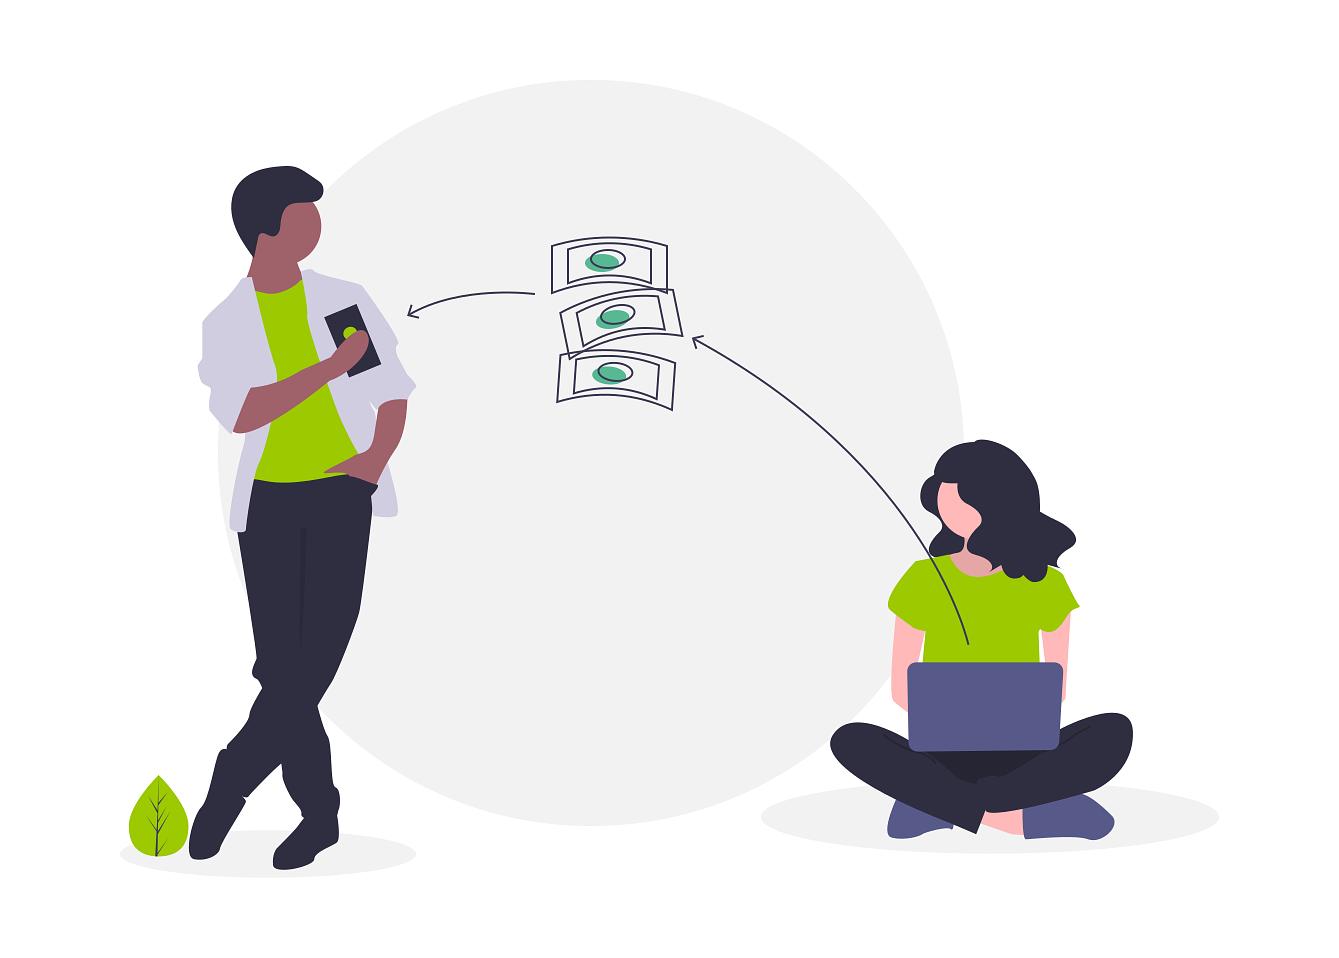 undraw_transfer_money_rywa